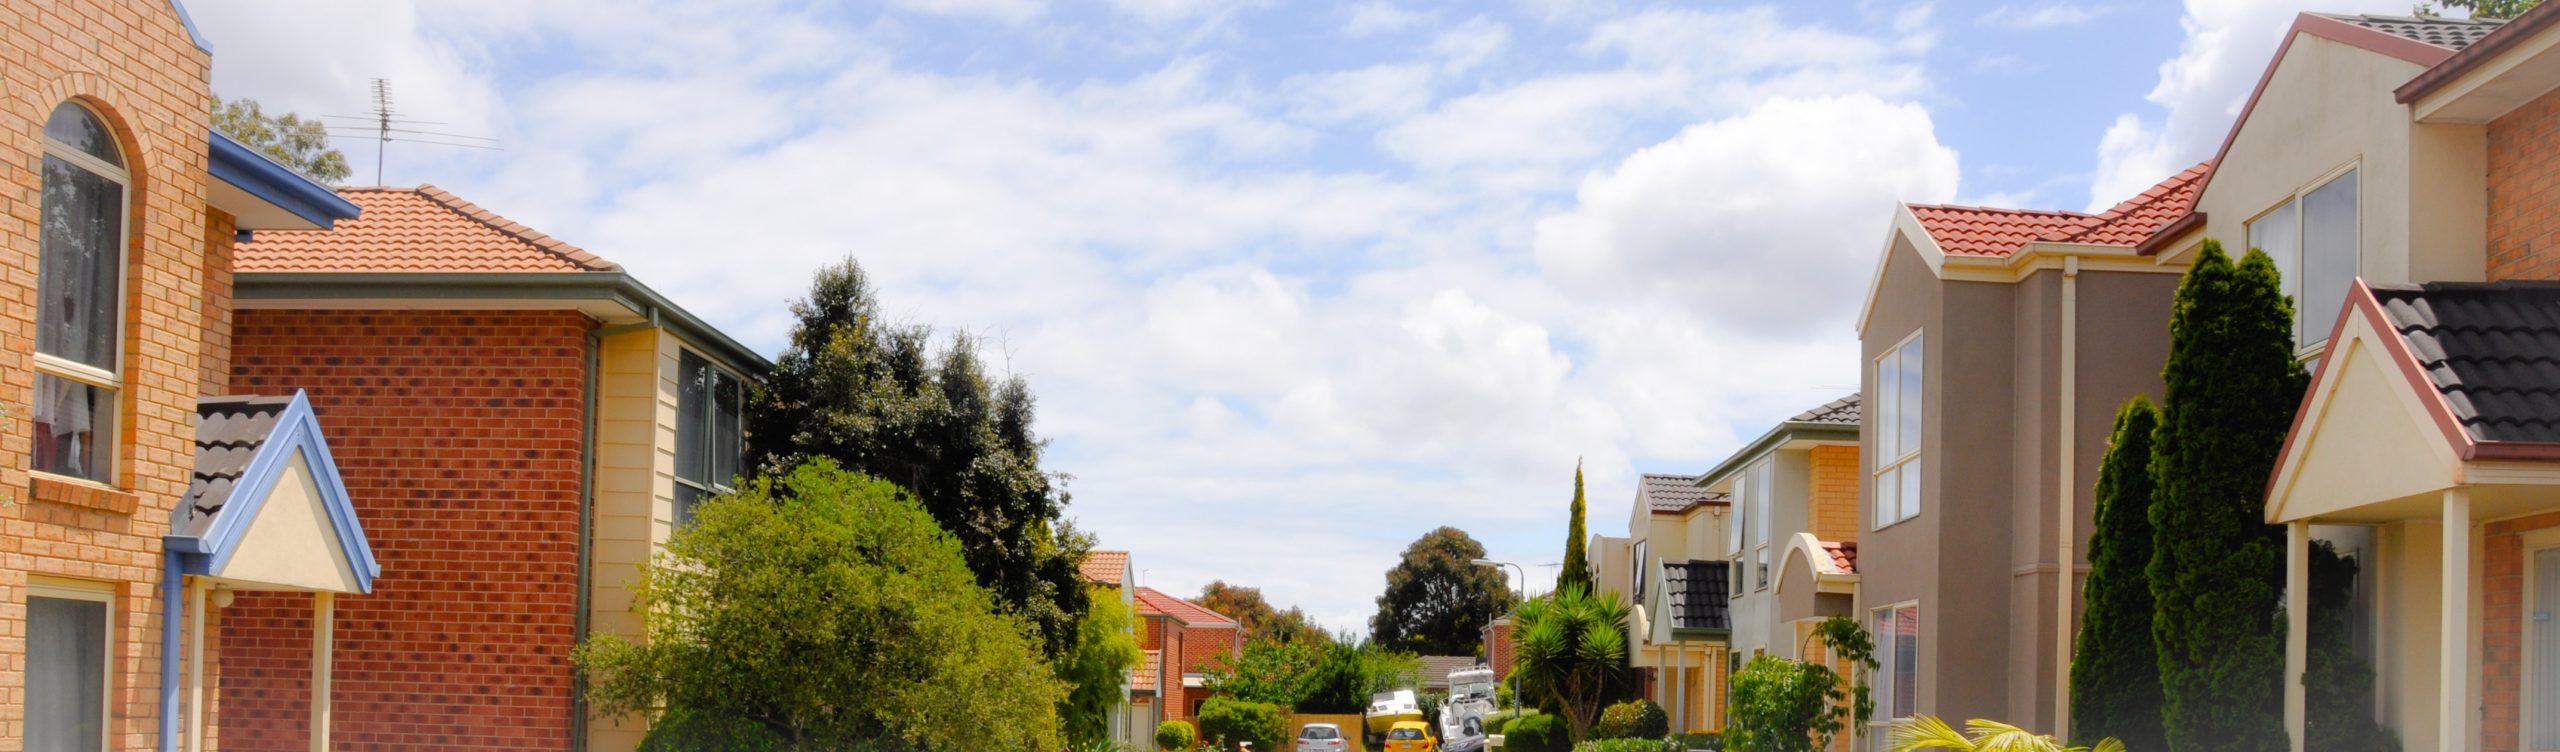 Ian W. - Stanley St, West Melbourne, – Melbourne, Victoria, 3003